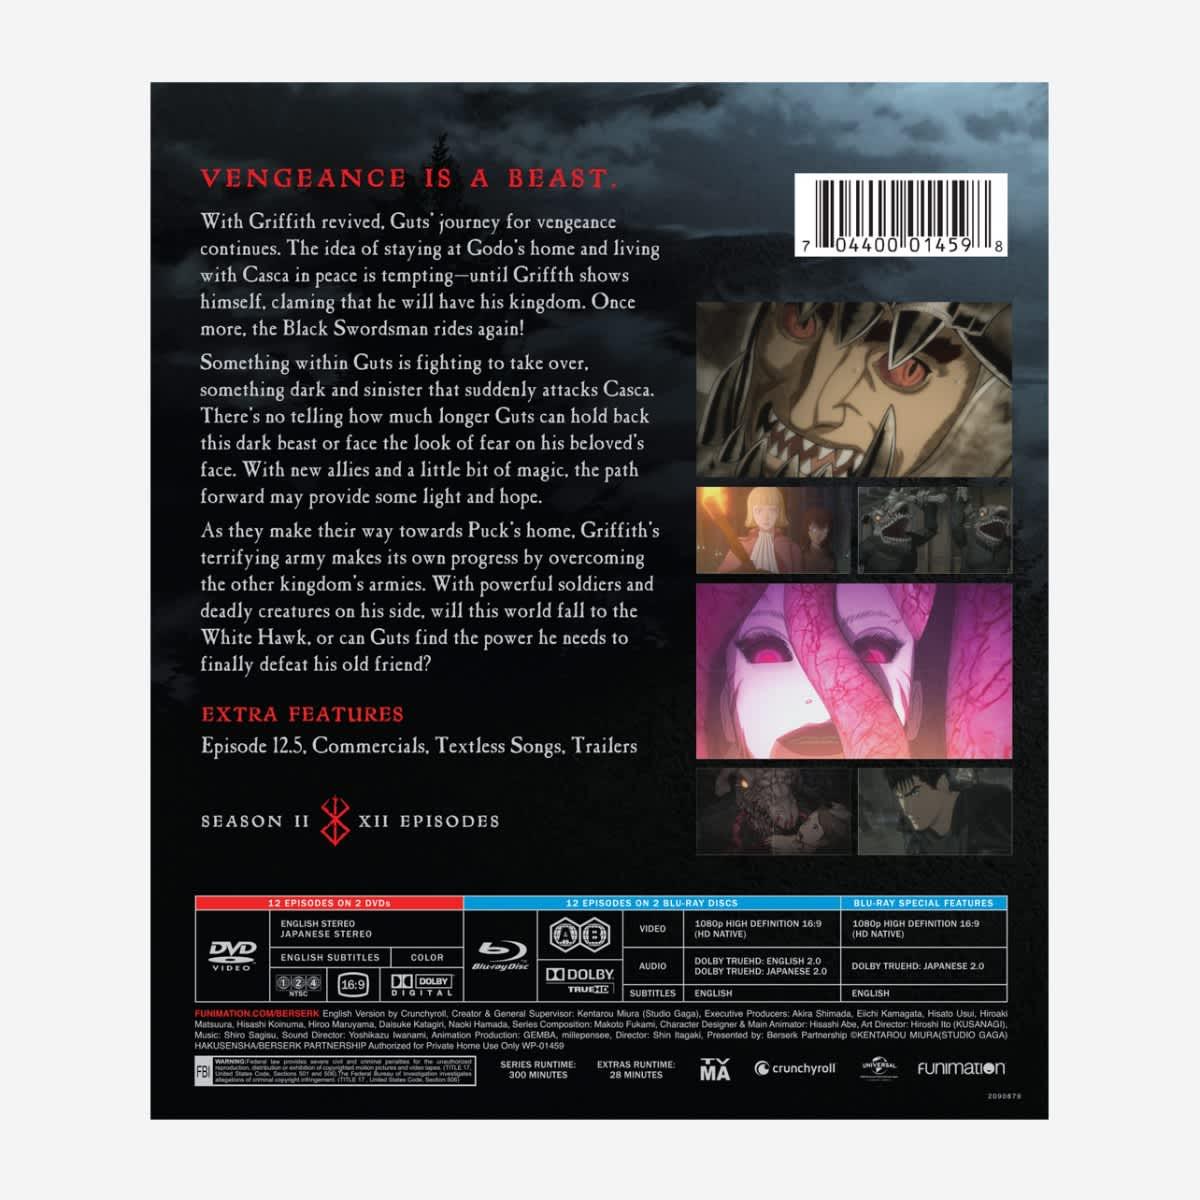 Berserk Season 2 Blu-ray/DVD